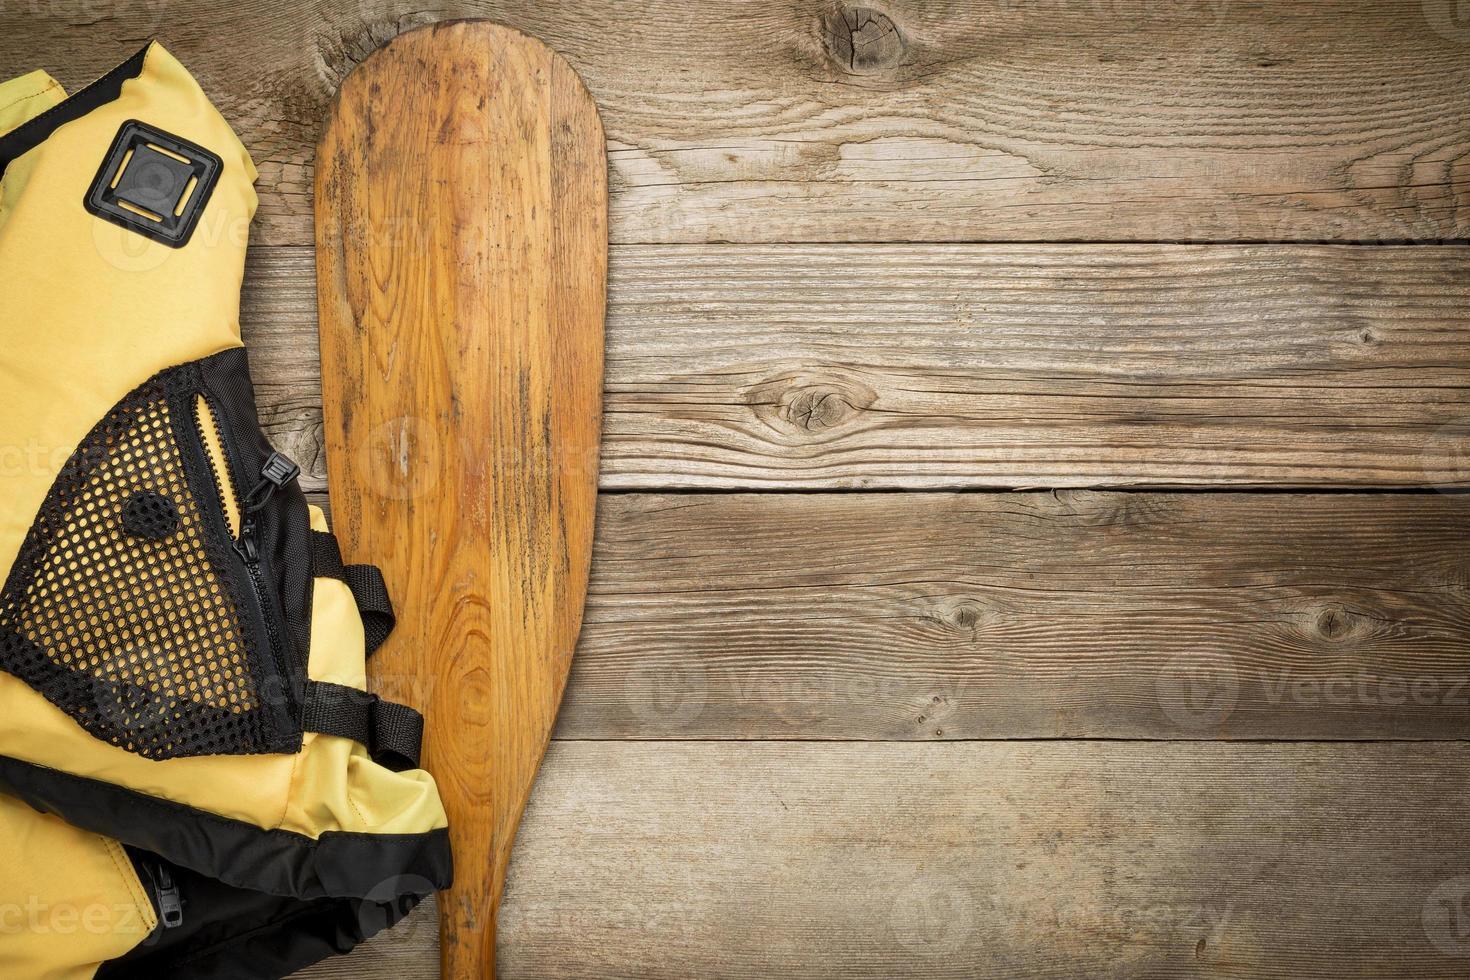 pagaia per canoa e giubbotto di salvataggio foto